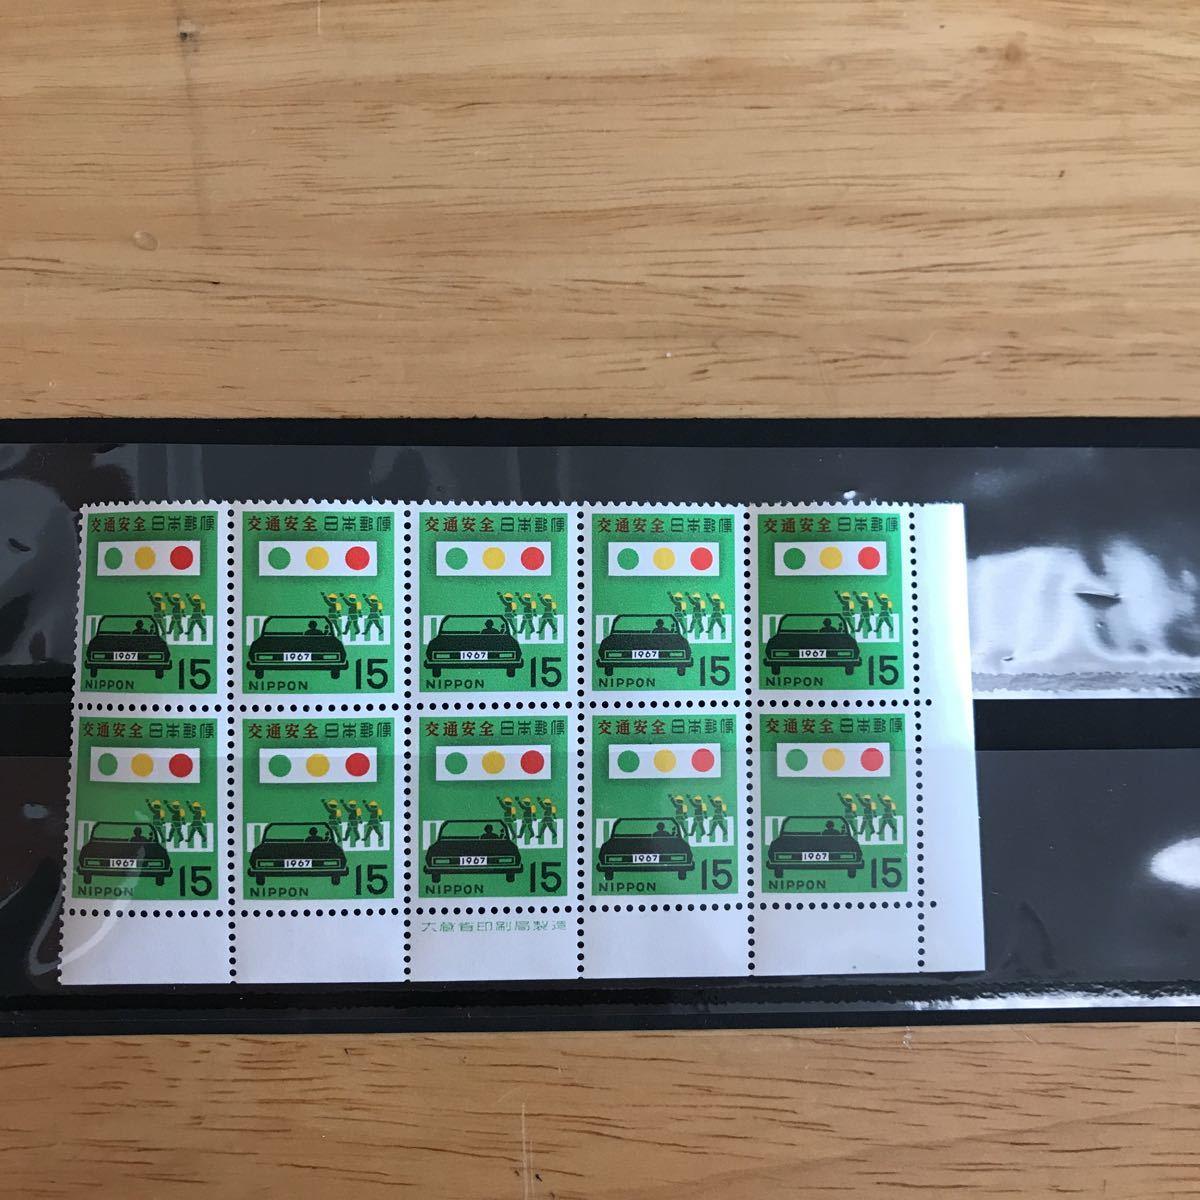 【未使用】 切手 ブロック 交通安全 1967年 15円x10枚 額面150円 銘版付き_画像1